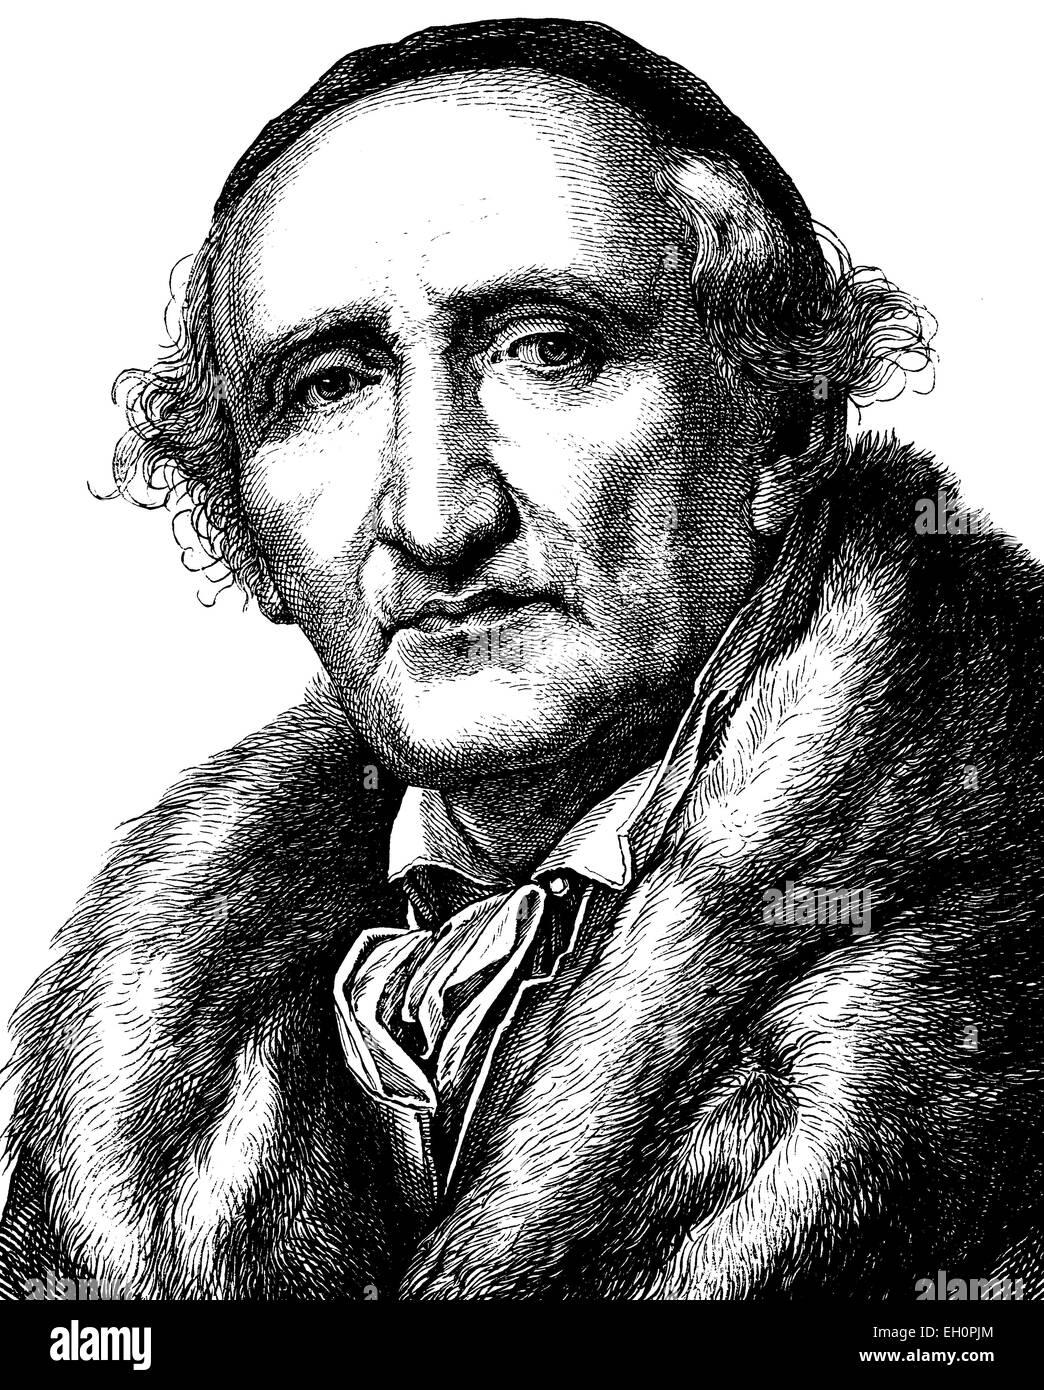 Mejora de la imagen digital de Johann Gottfried Schadow, 1764 - 1850, retrato, ilustración histórica, 1880 Foto de stock